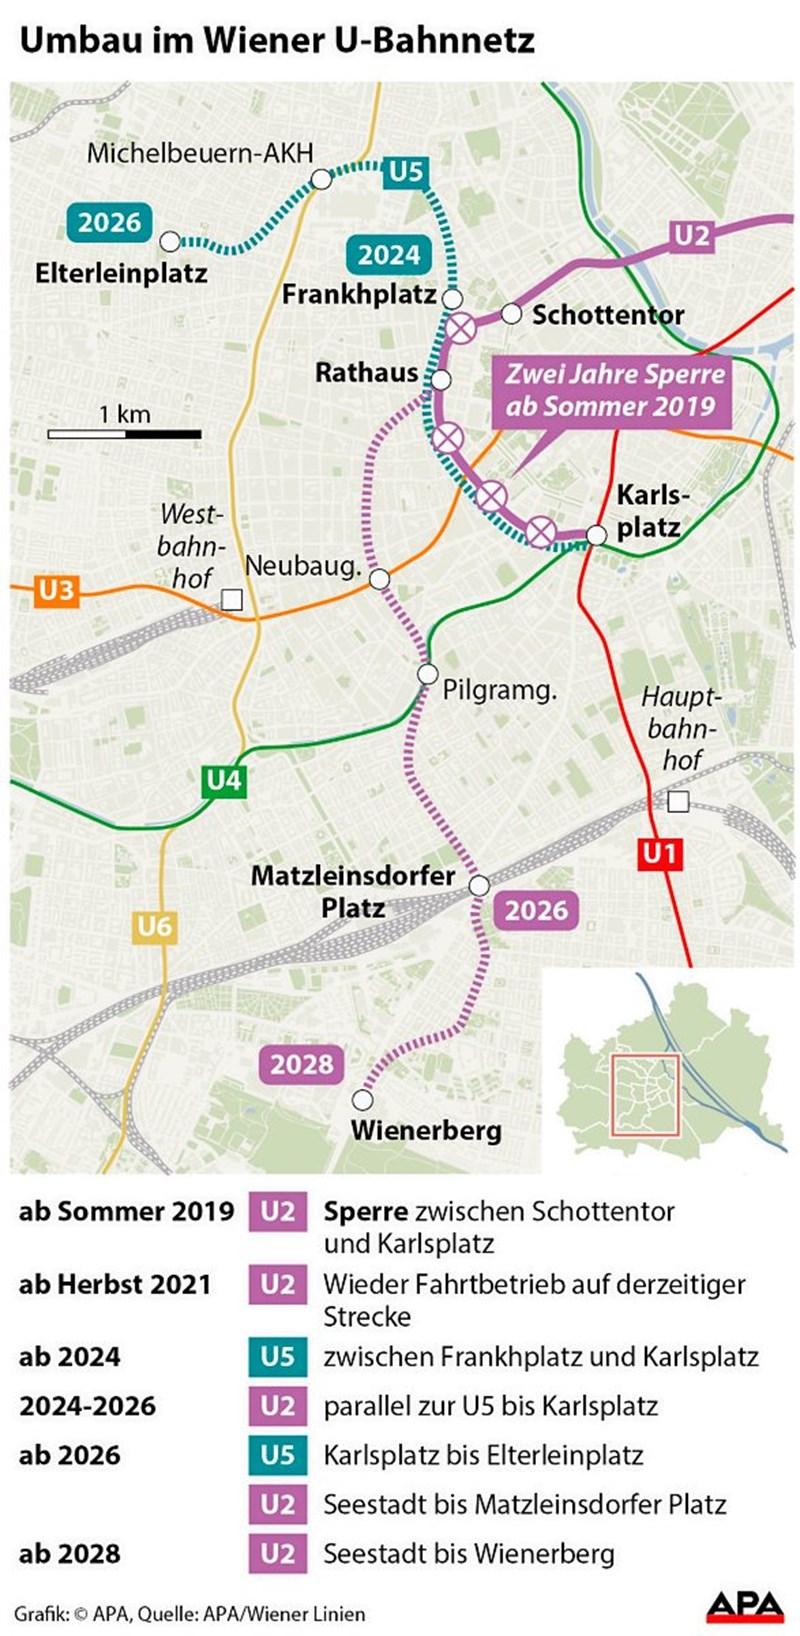 U5 Fährt Erst Ab 2024 Durch Wien Ab 2019 Zweijährige U2